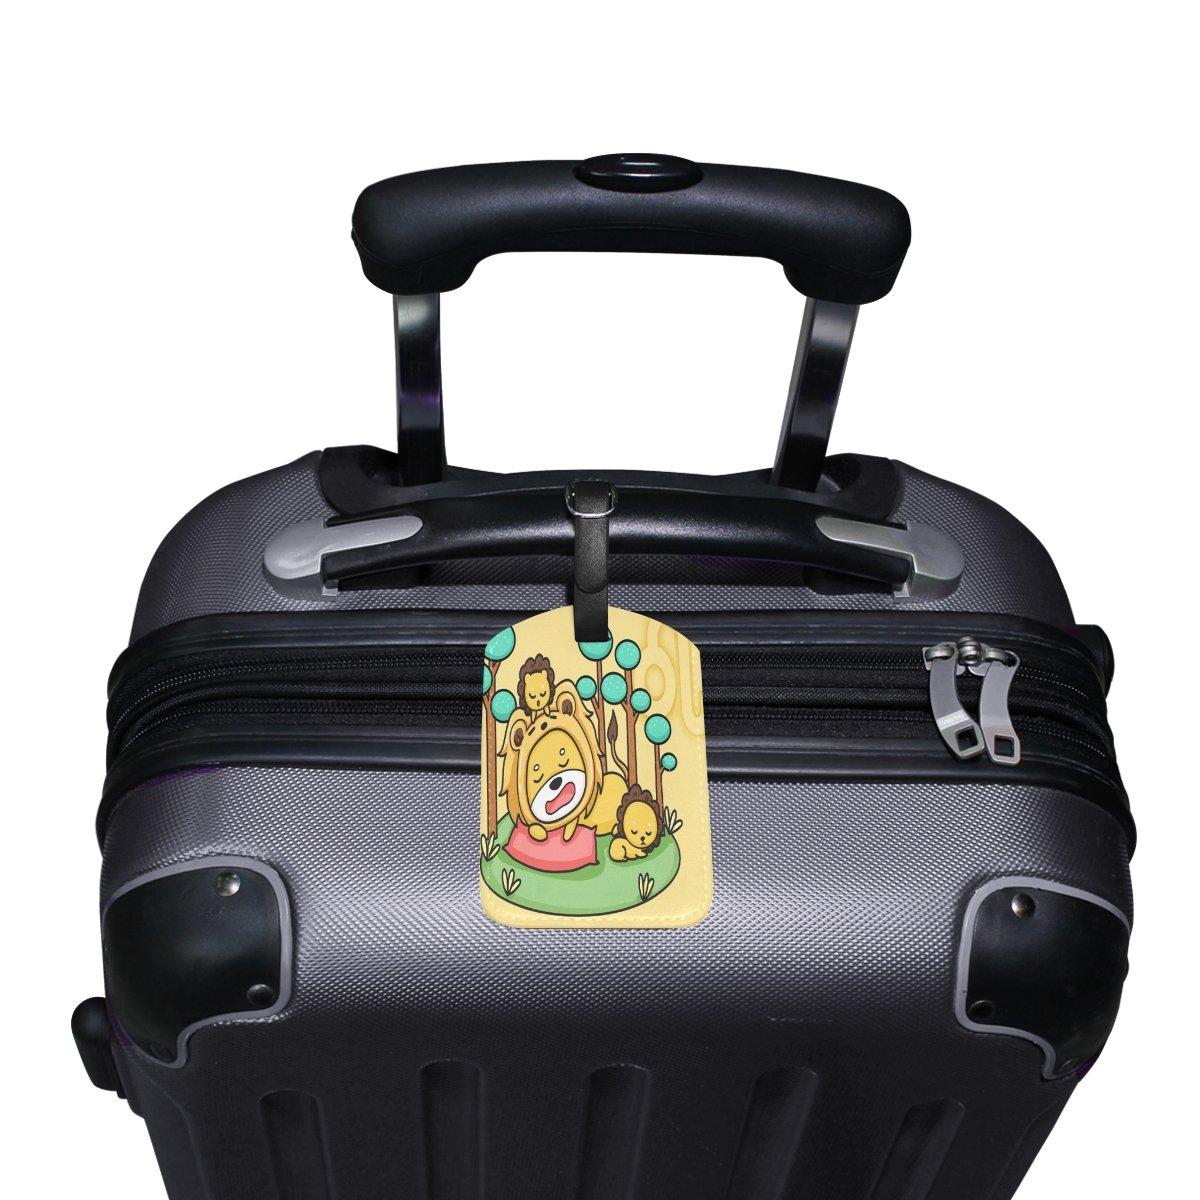 Saobao Travel Luggage Tag Leo PU Leather Baggage Suitcase Travel ID Bag Tag 1Pcs